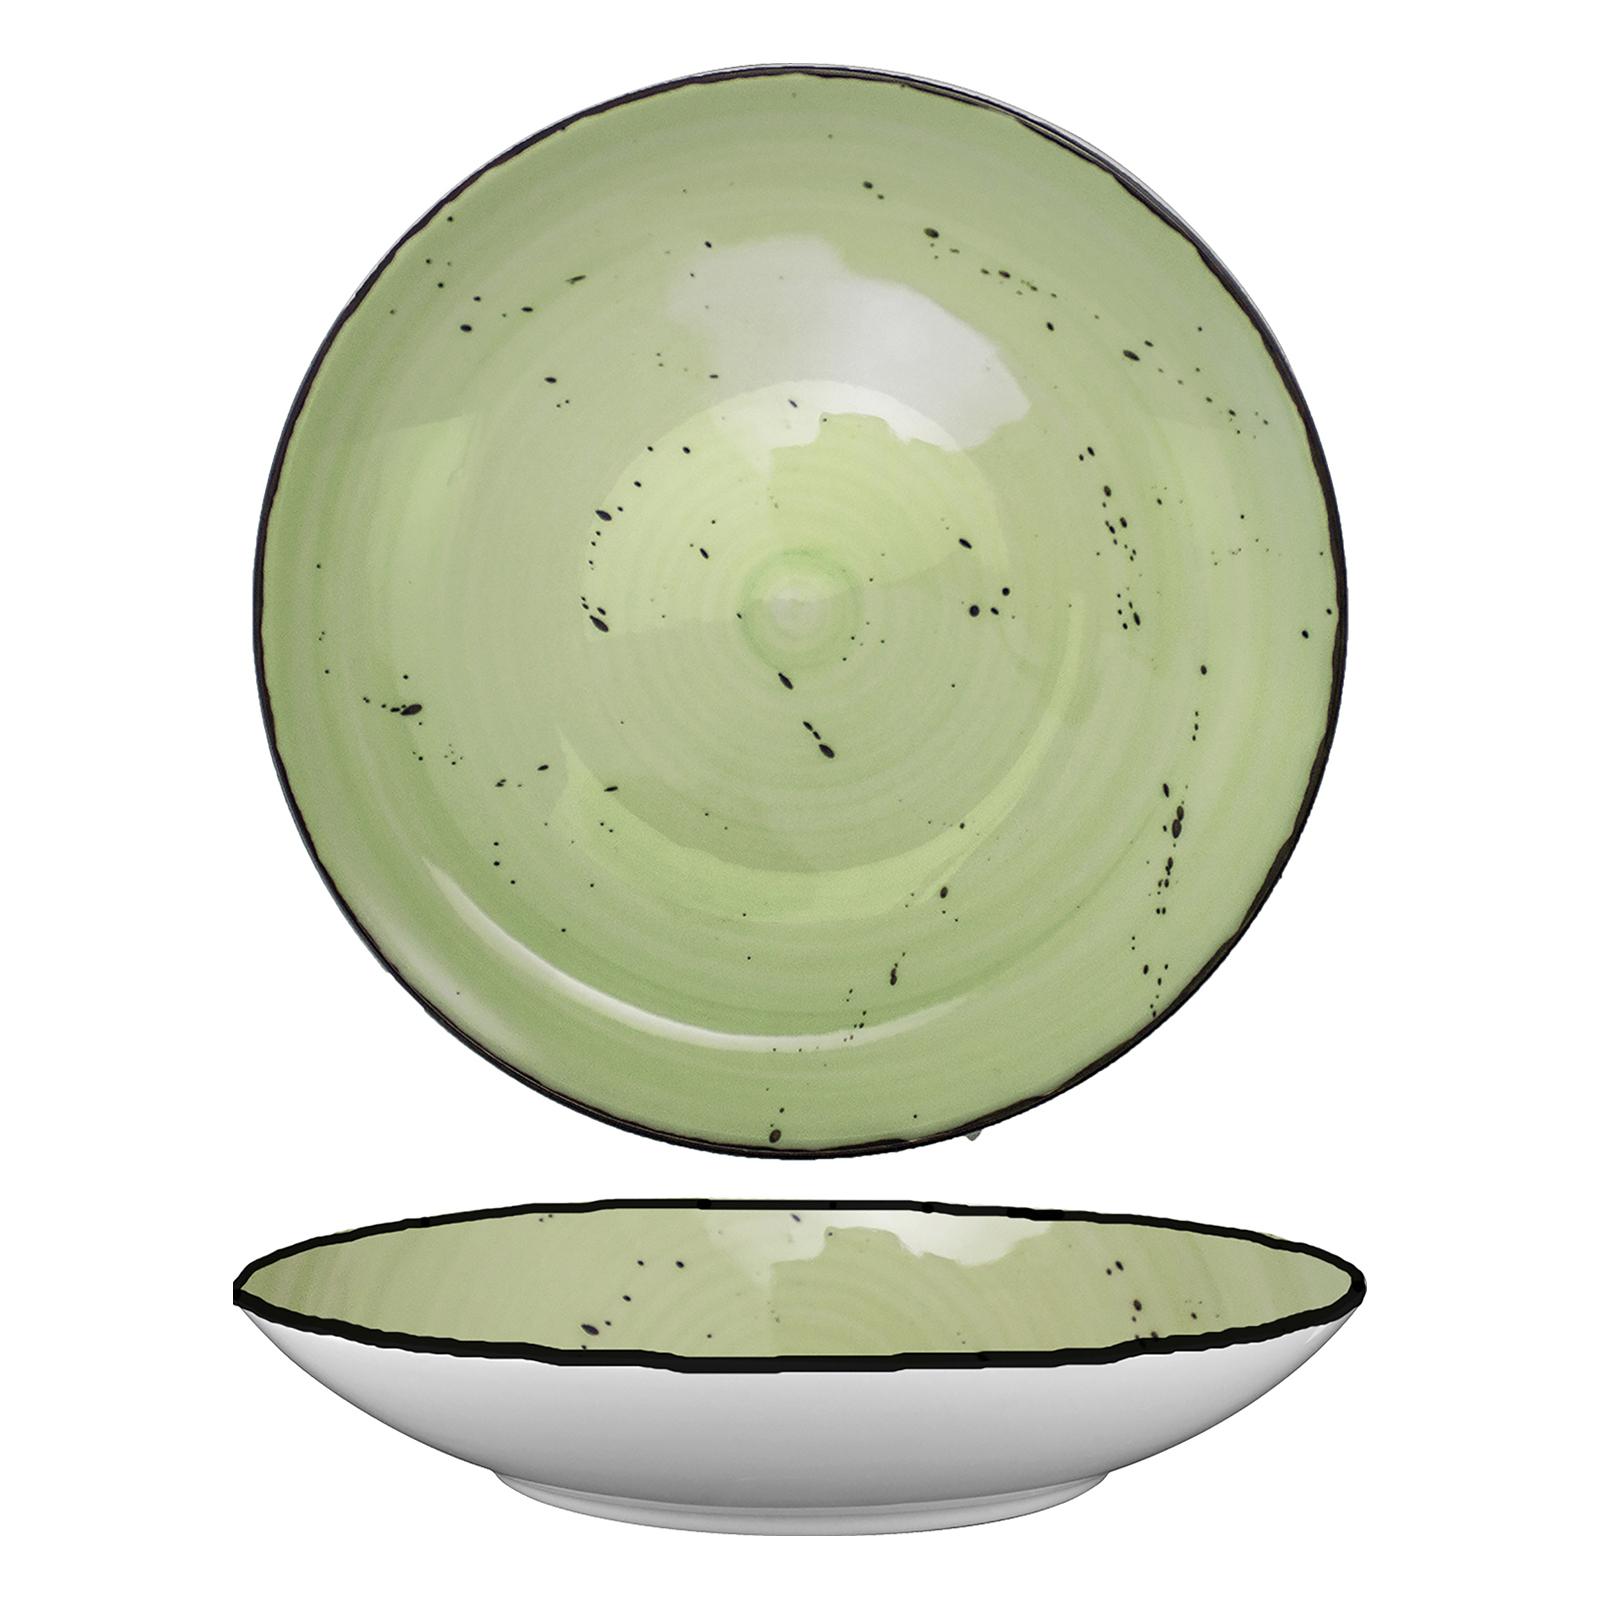 International Tableware RT-107-LI china, bowl,  9 - 16 oz